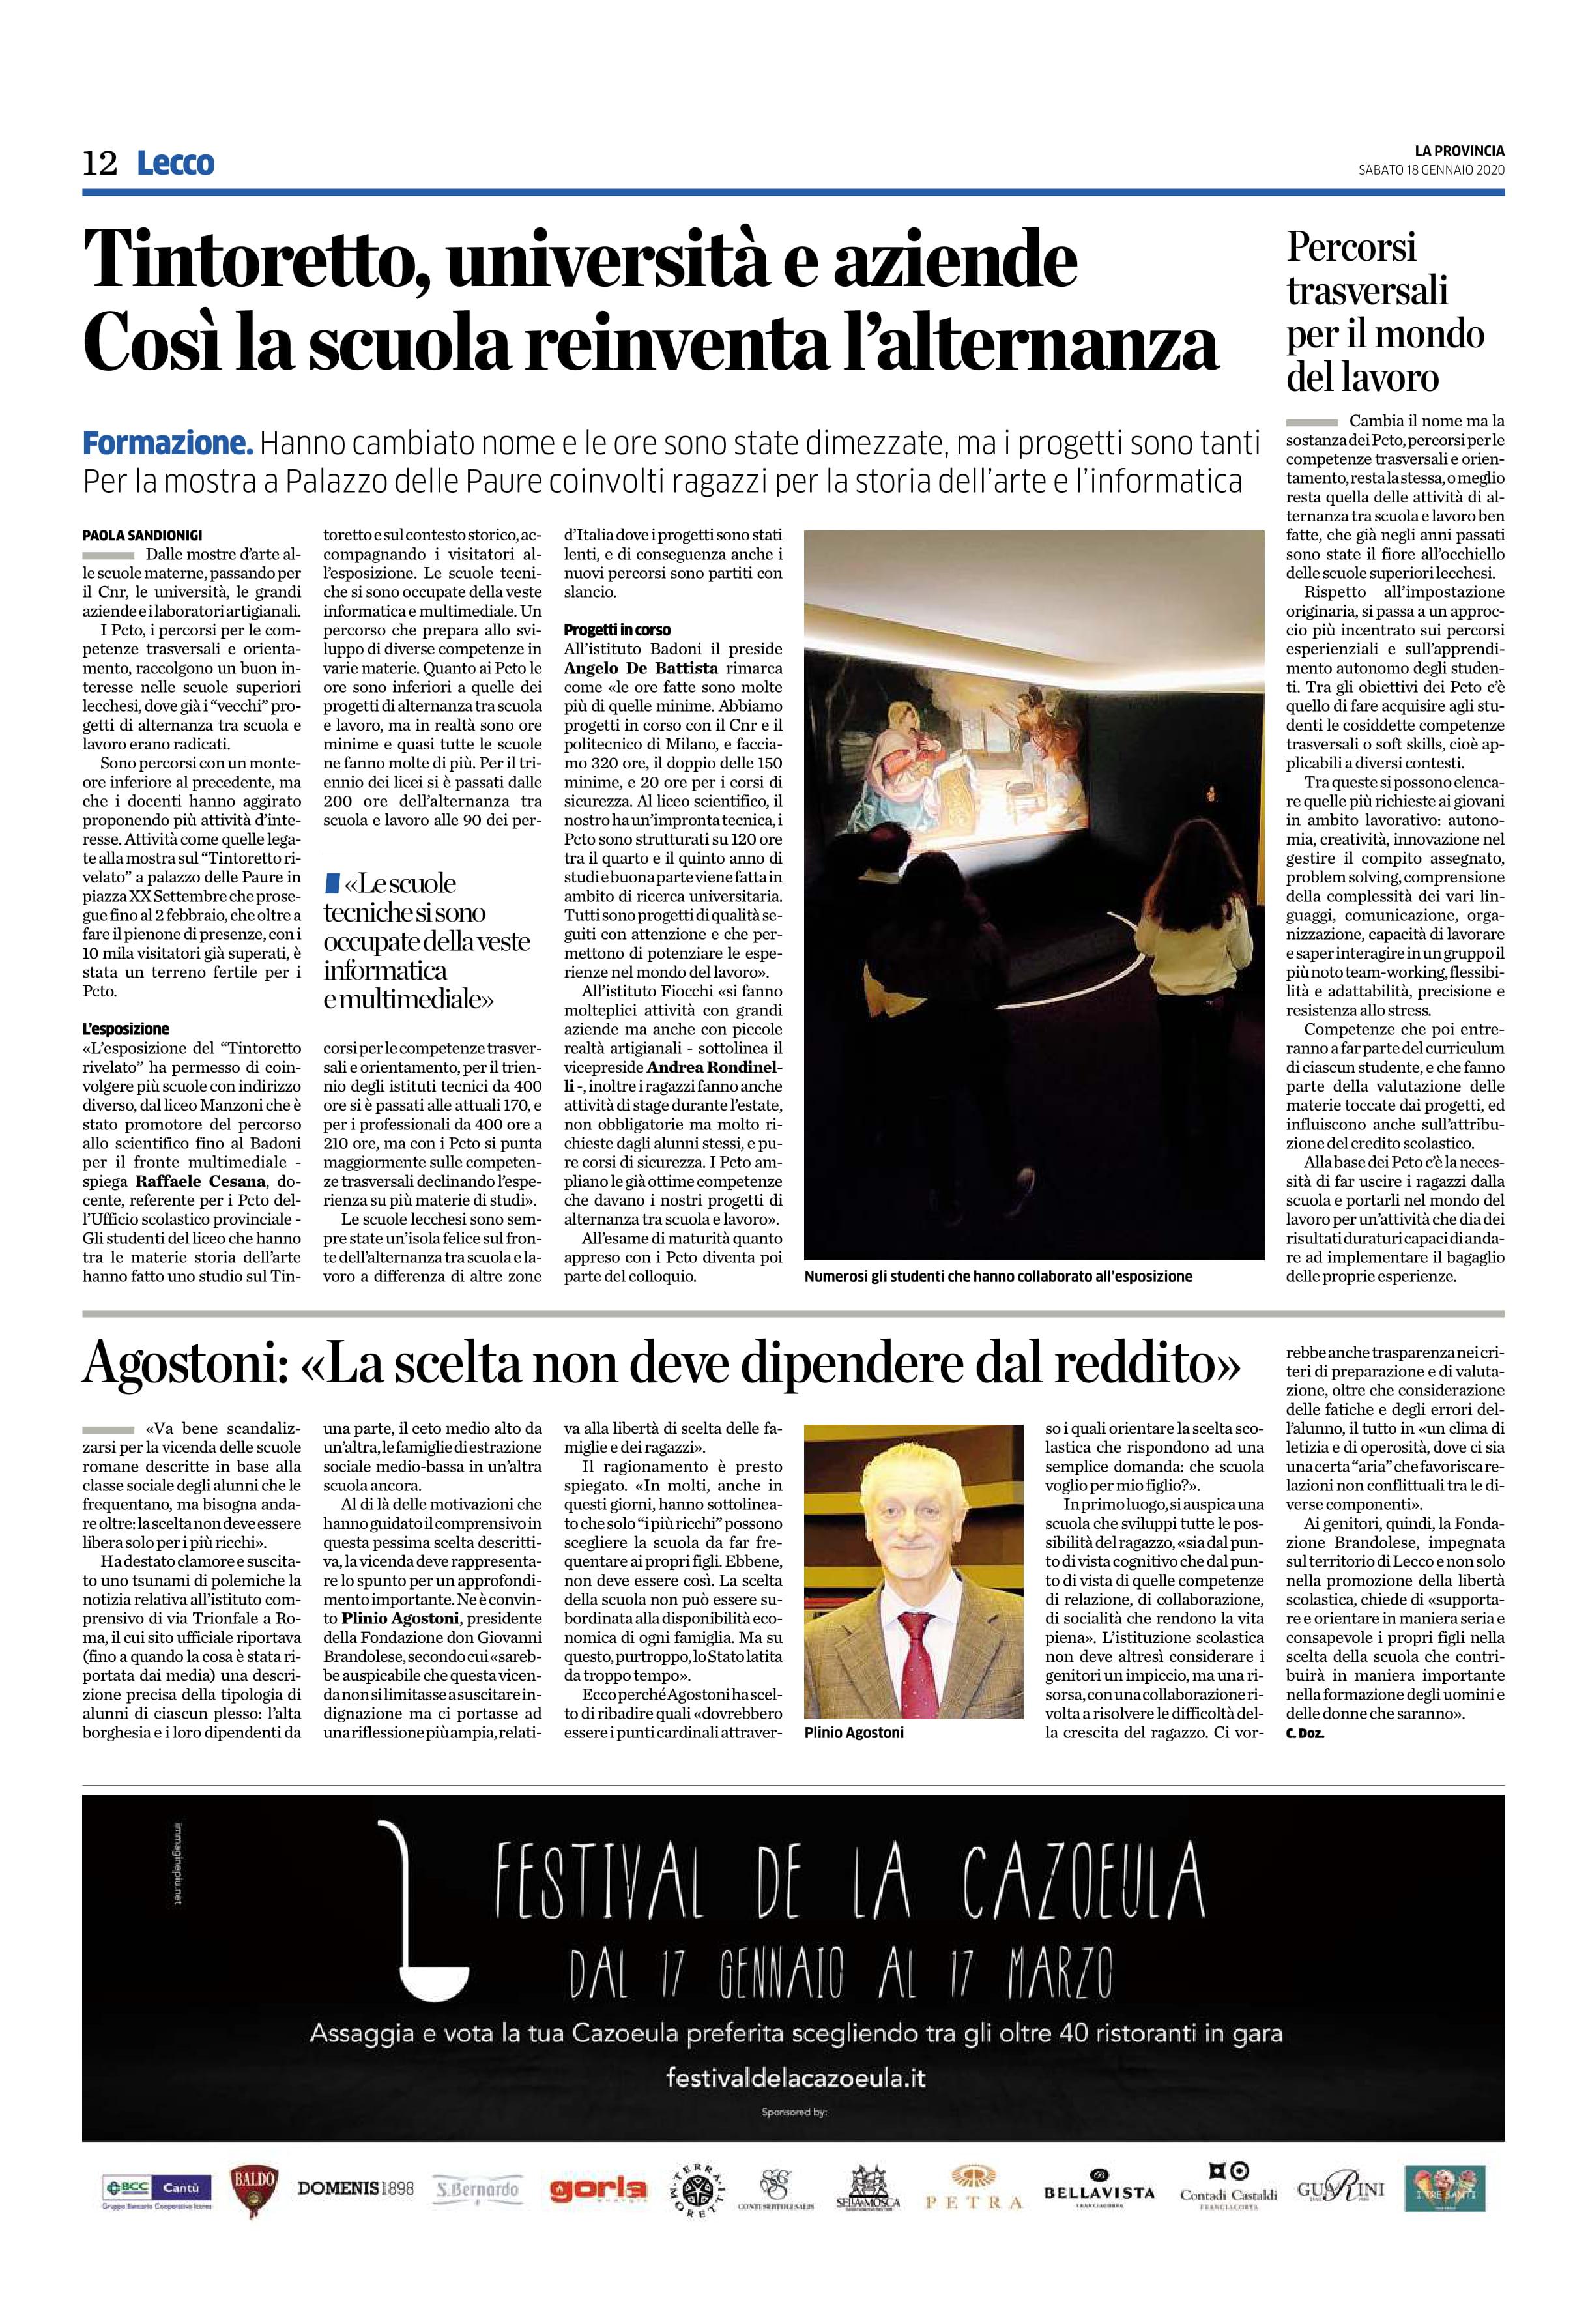 18/01/2020 – Tintoretto, università e aziende, così la scuola reinventa l'alternanza